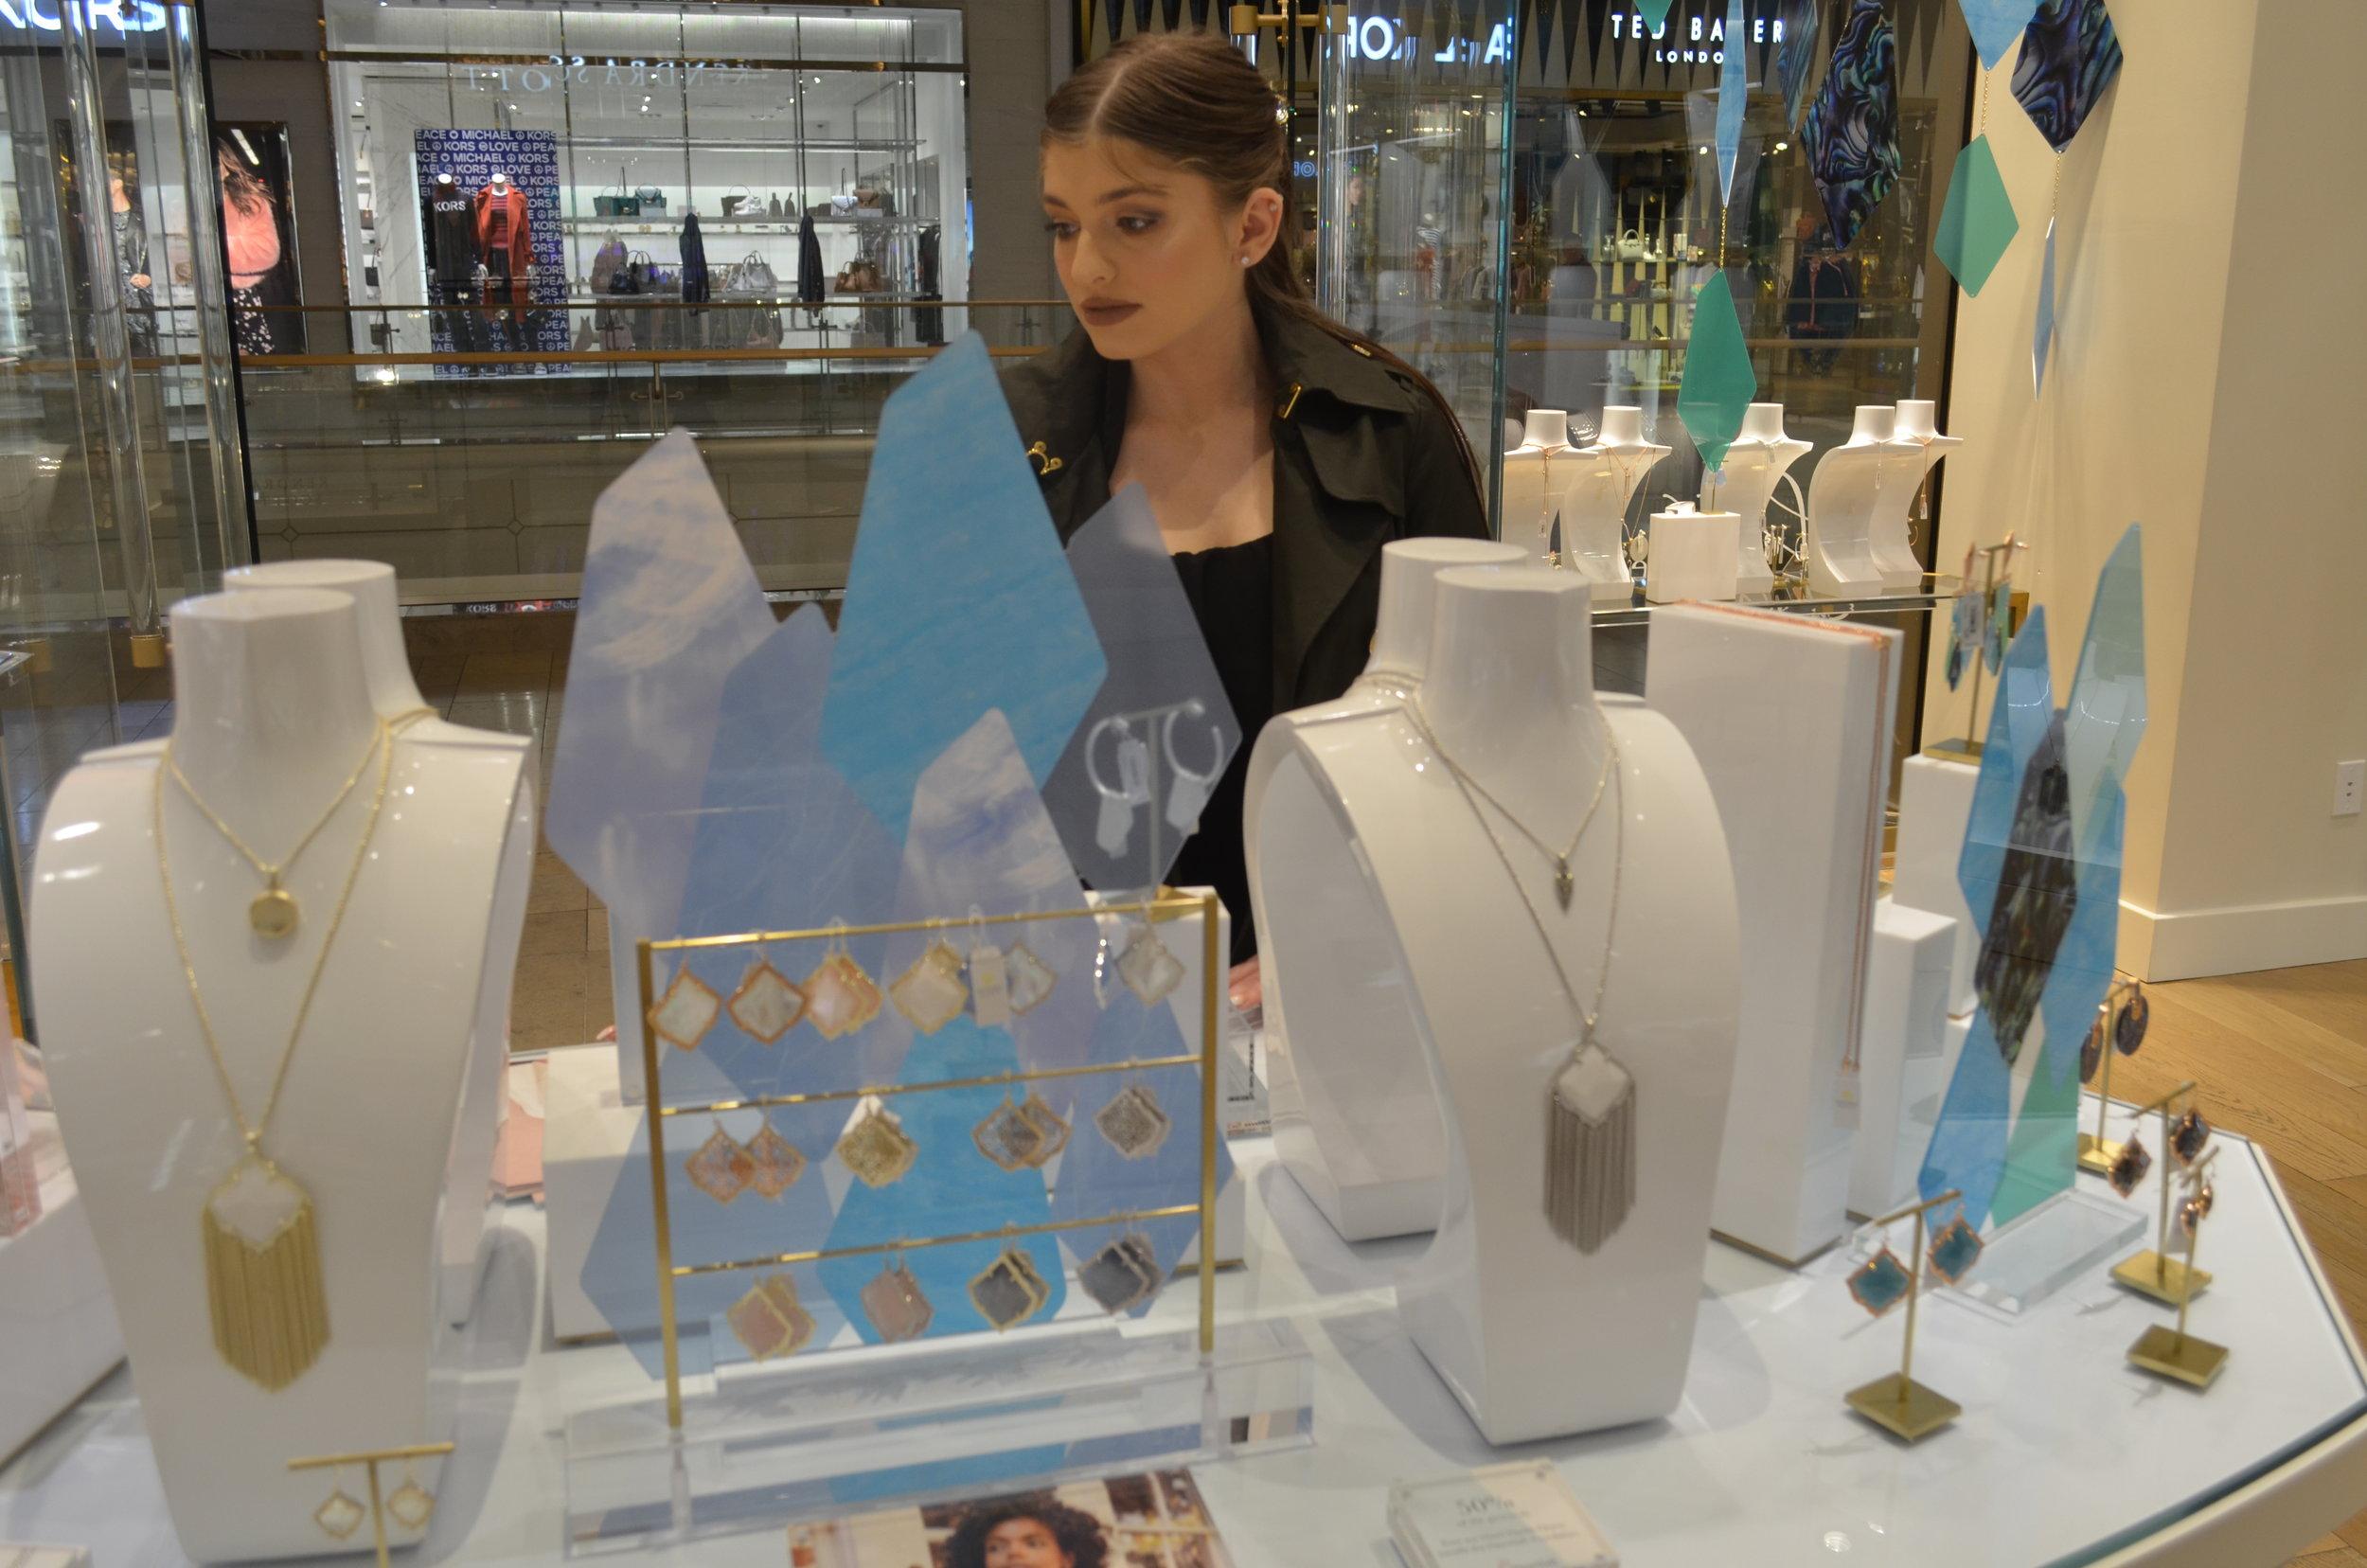 Kendra Scott Fashion Show Mall Event.JPG